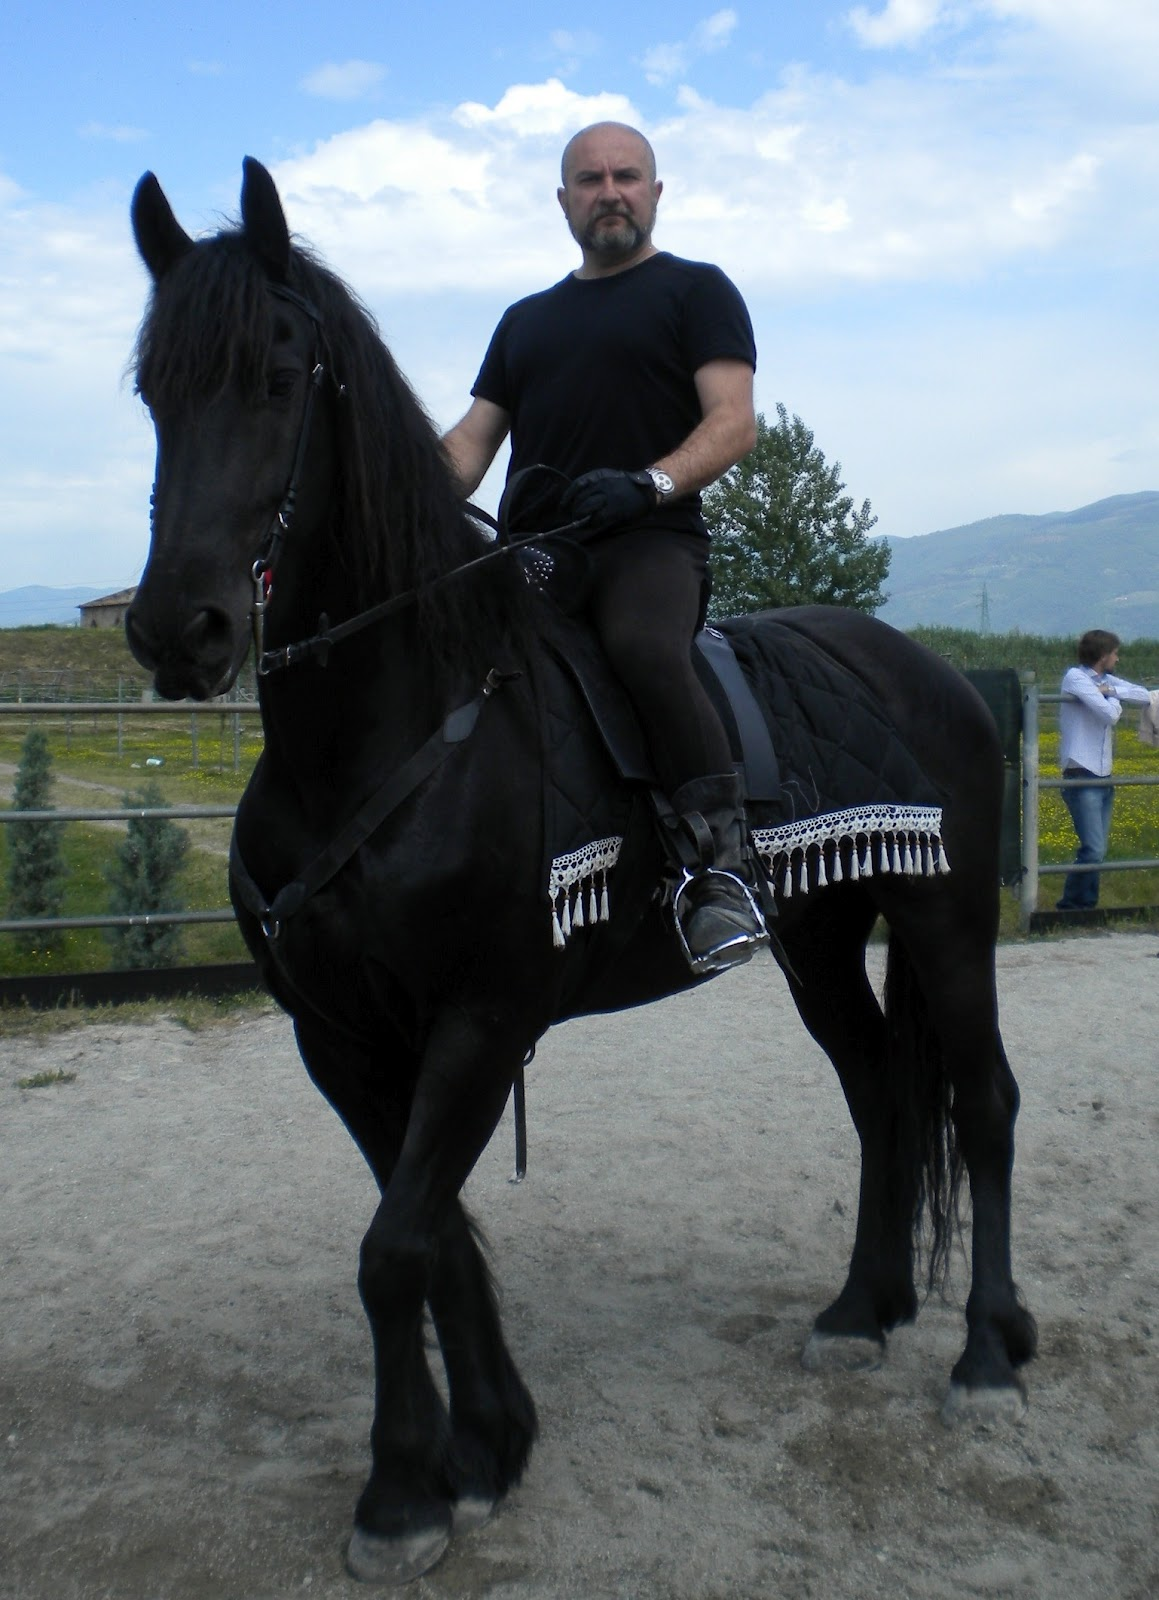 Roberto martusciello cinquegrana maximus il cavallo - Avere un cavallo ...